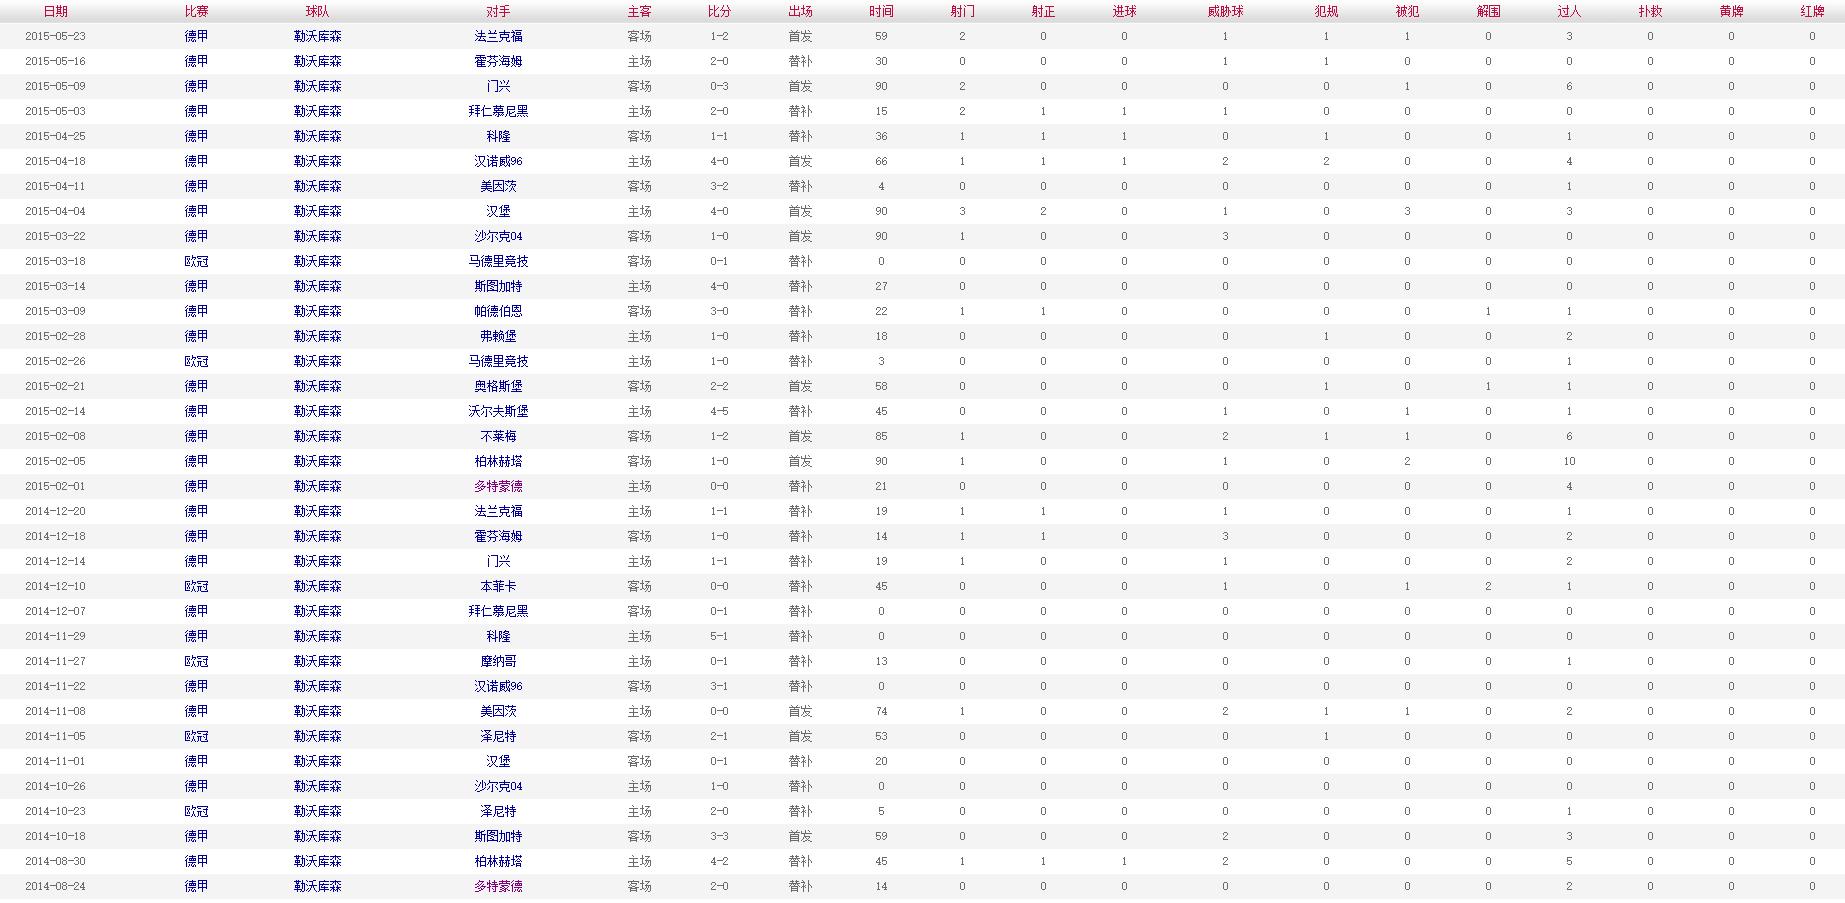 布兰特 2014-2015赛季比赛数据